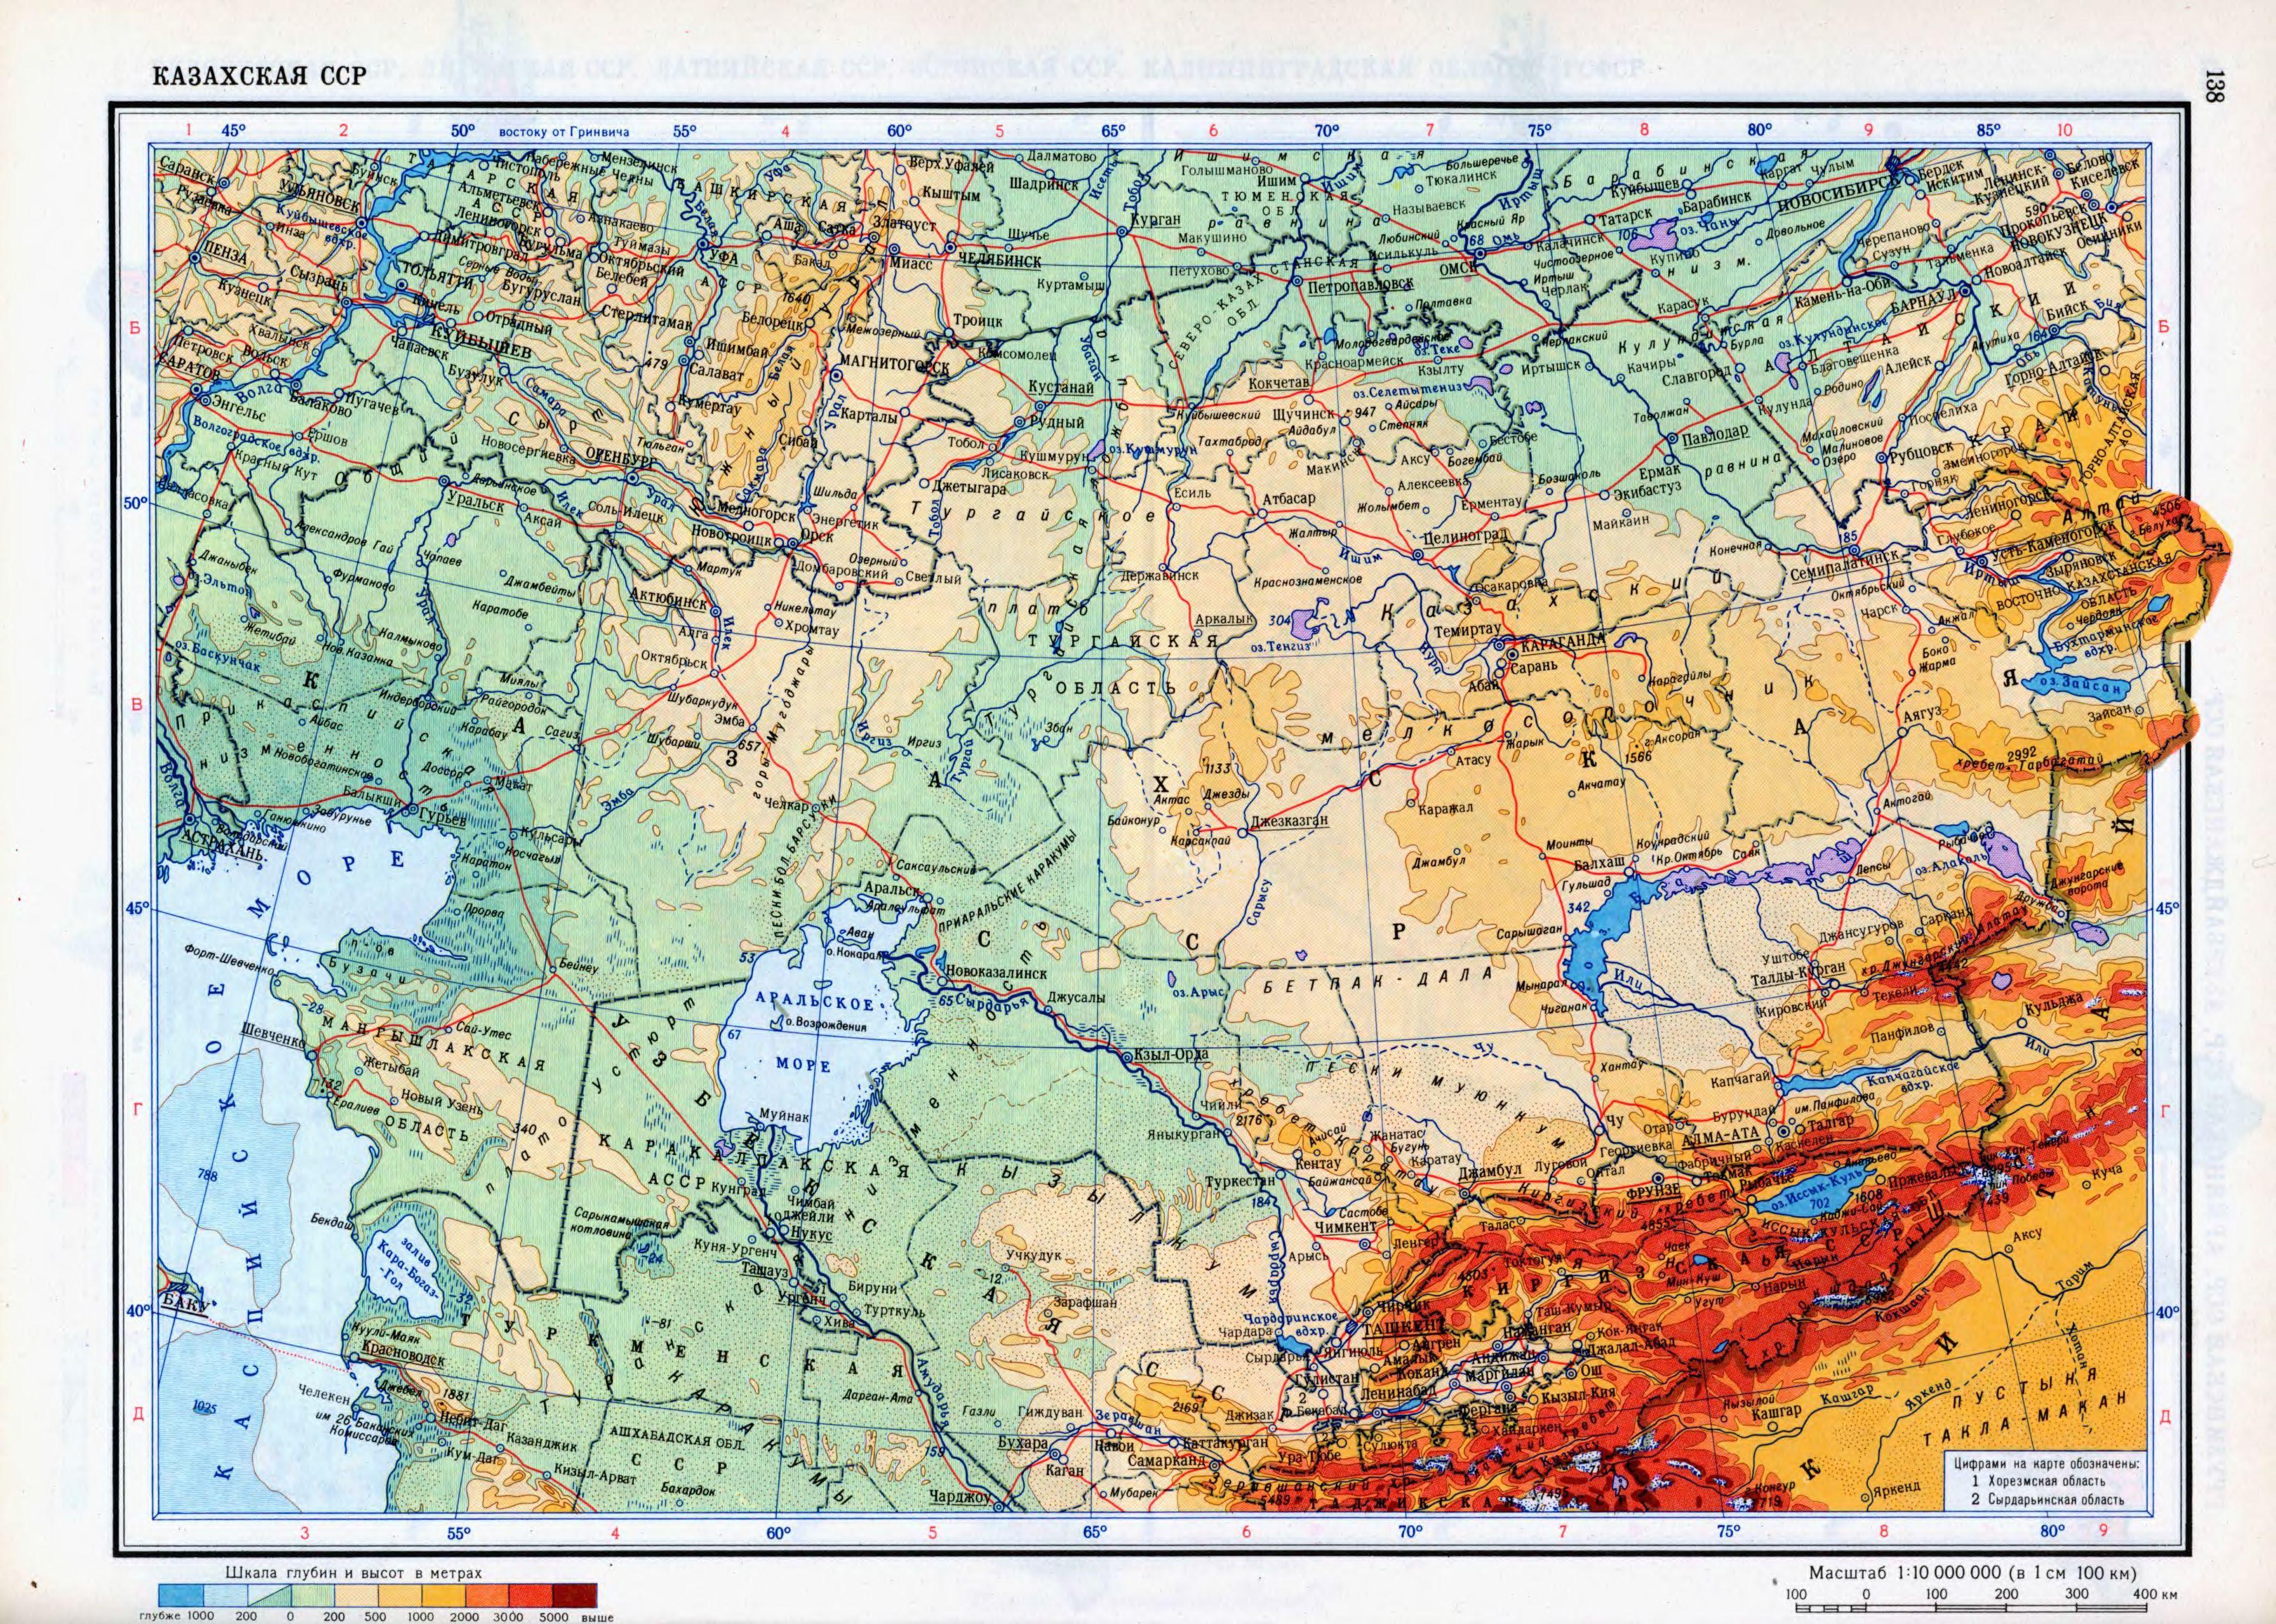 Fizicheskaya Karta Kazahstana Uchebnyj Atlas Mira 1974 Karta